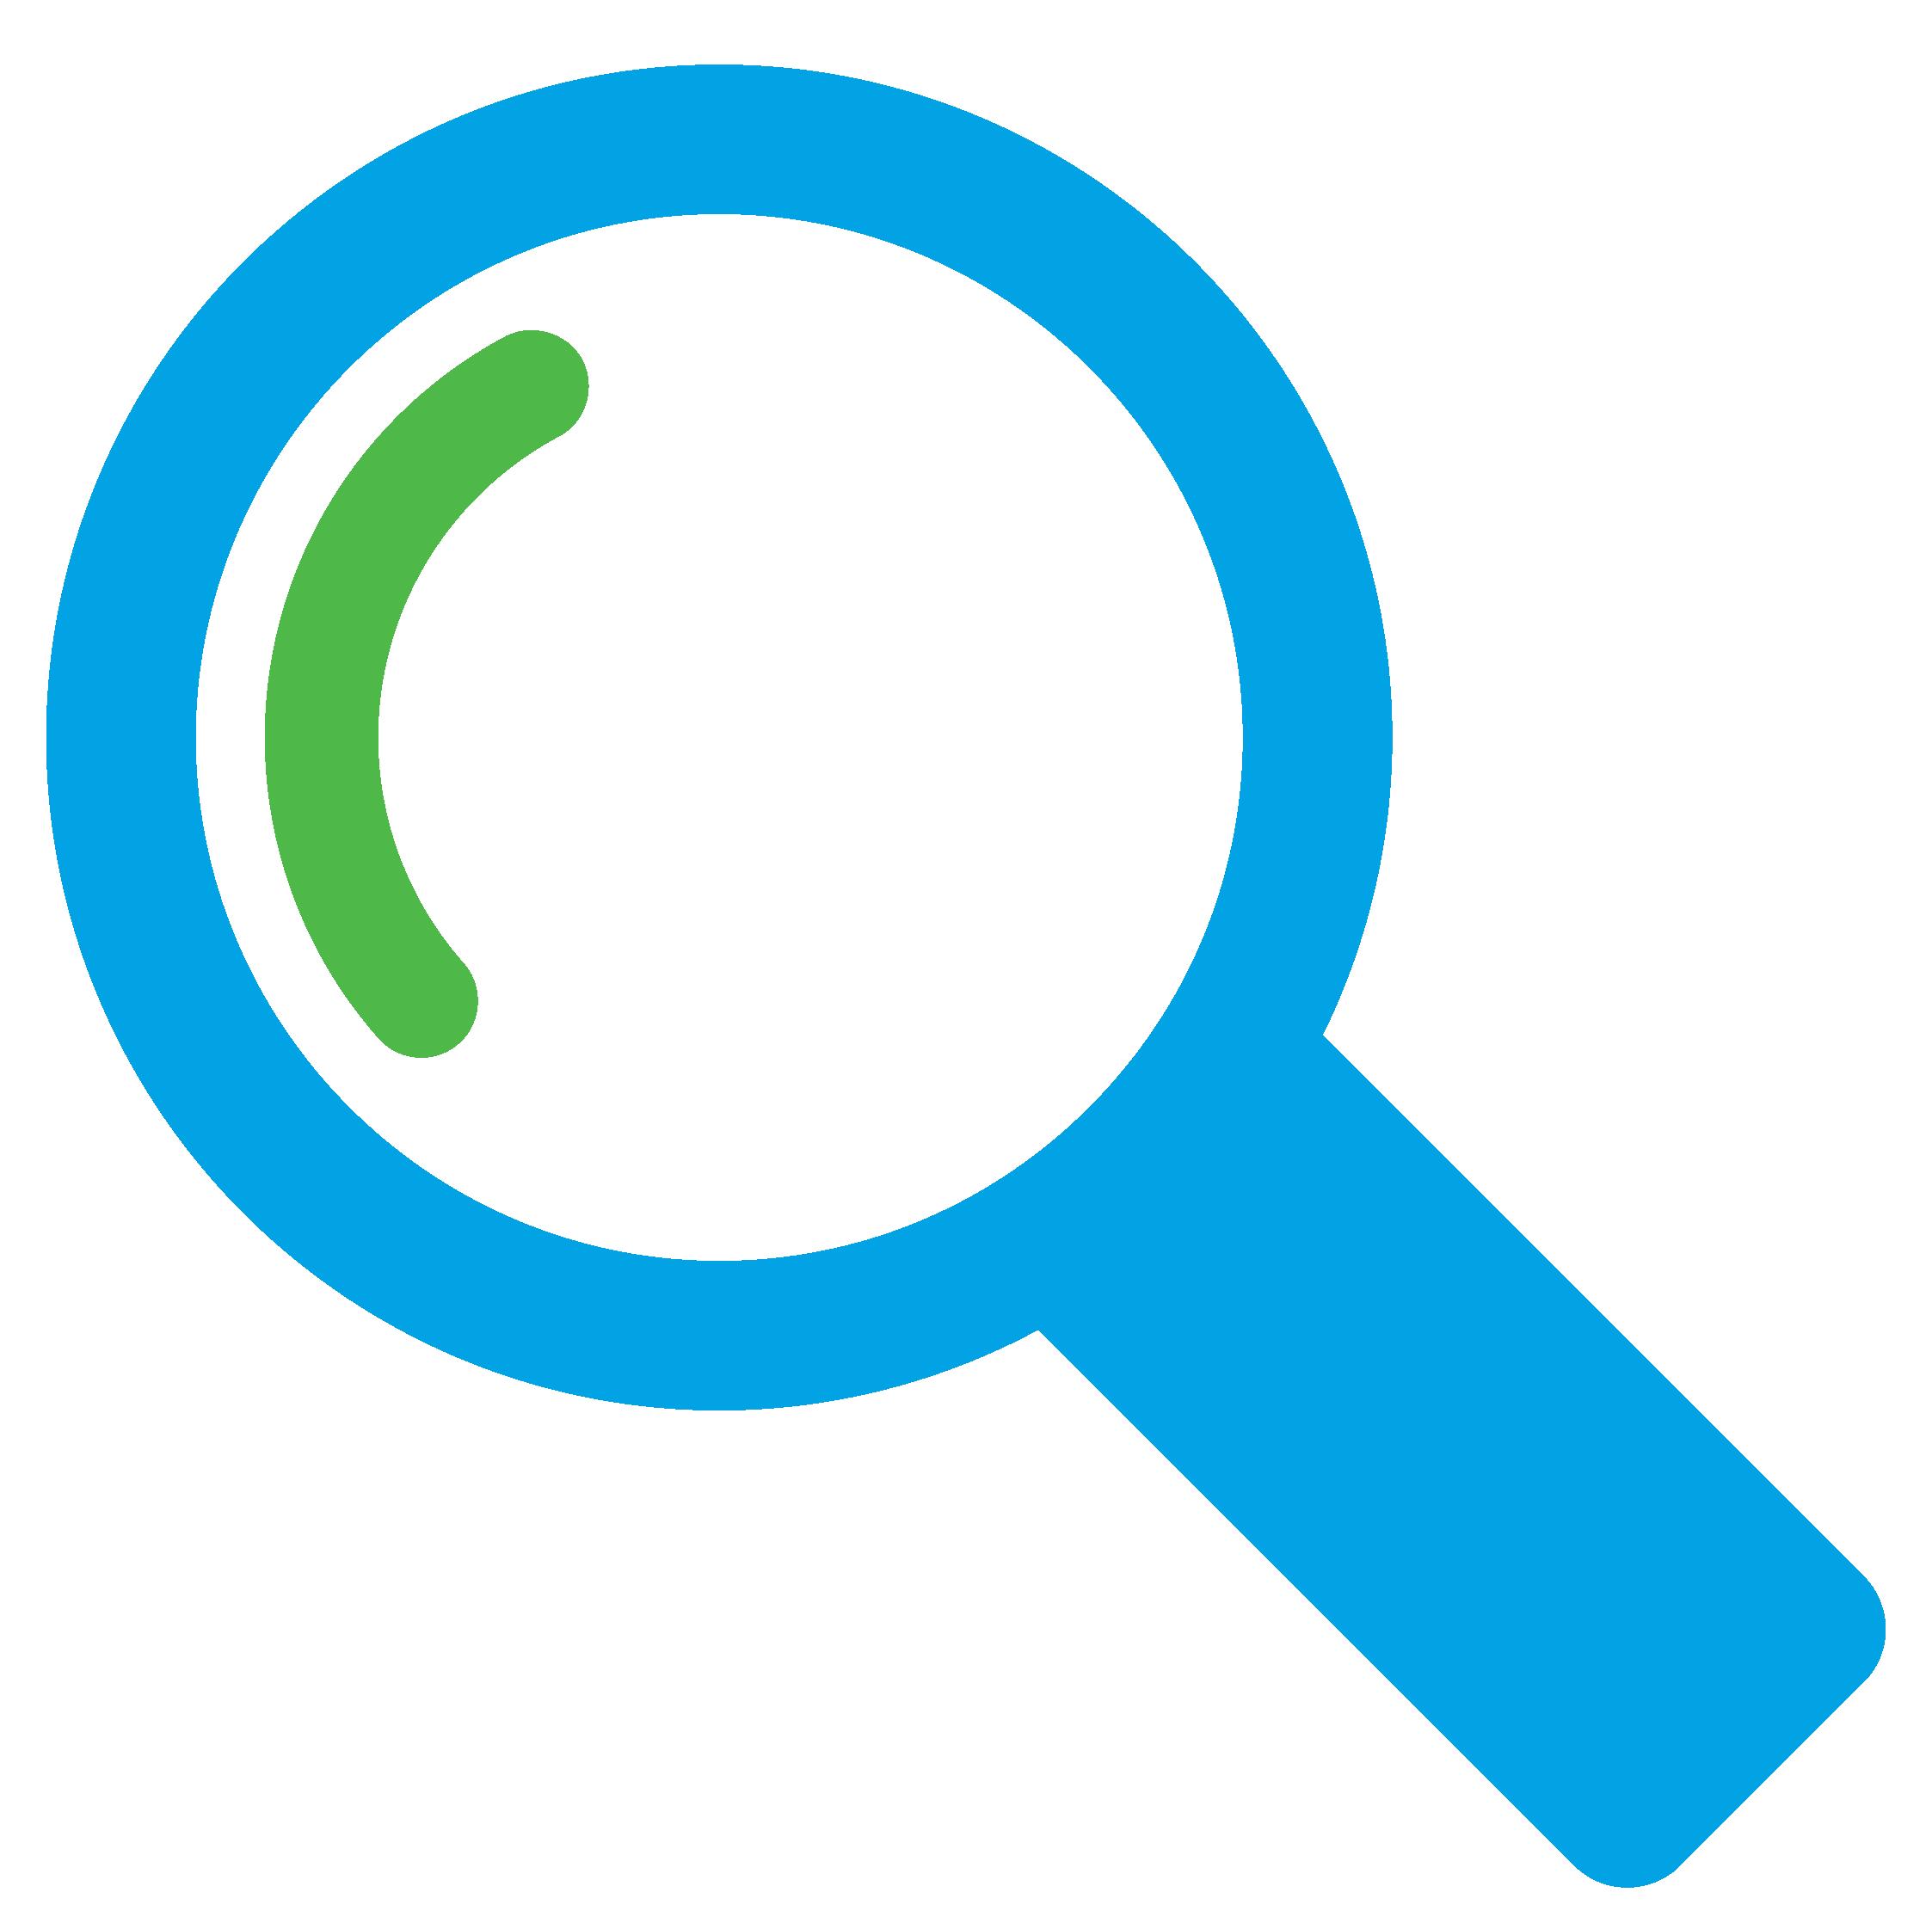 A microscope icon